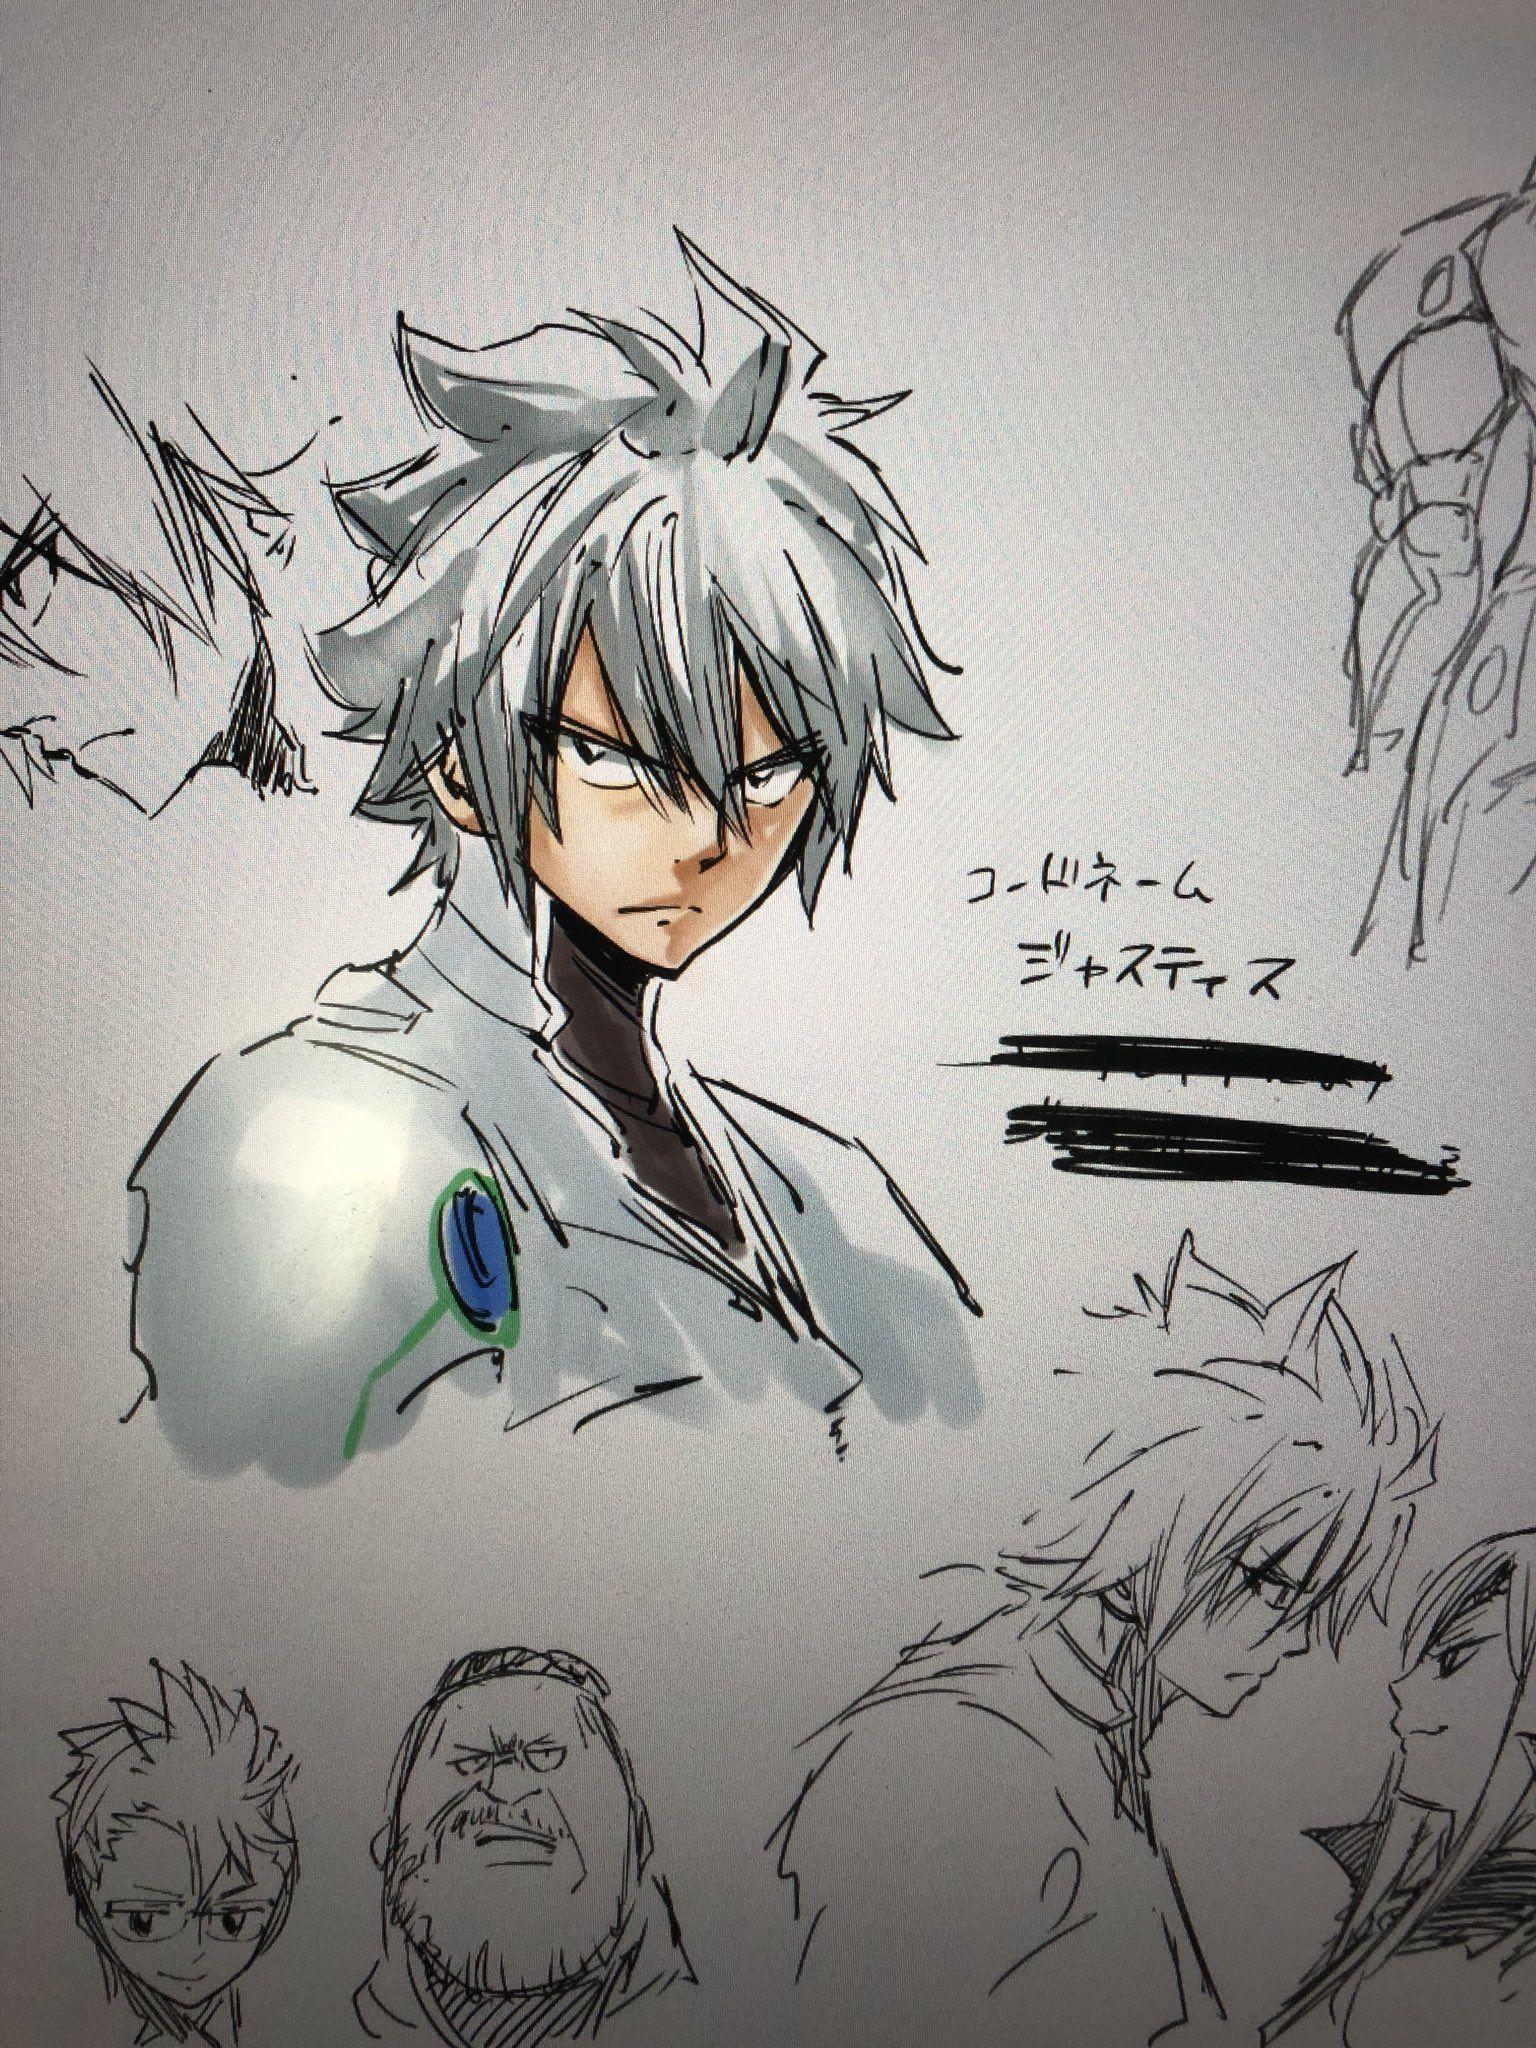 真島ヒロ on Fairy tail art, Drawings, Fairy tail anime